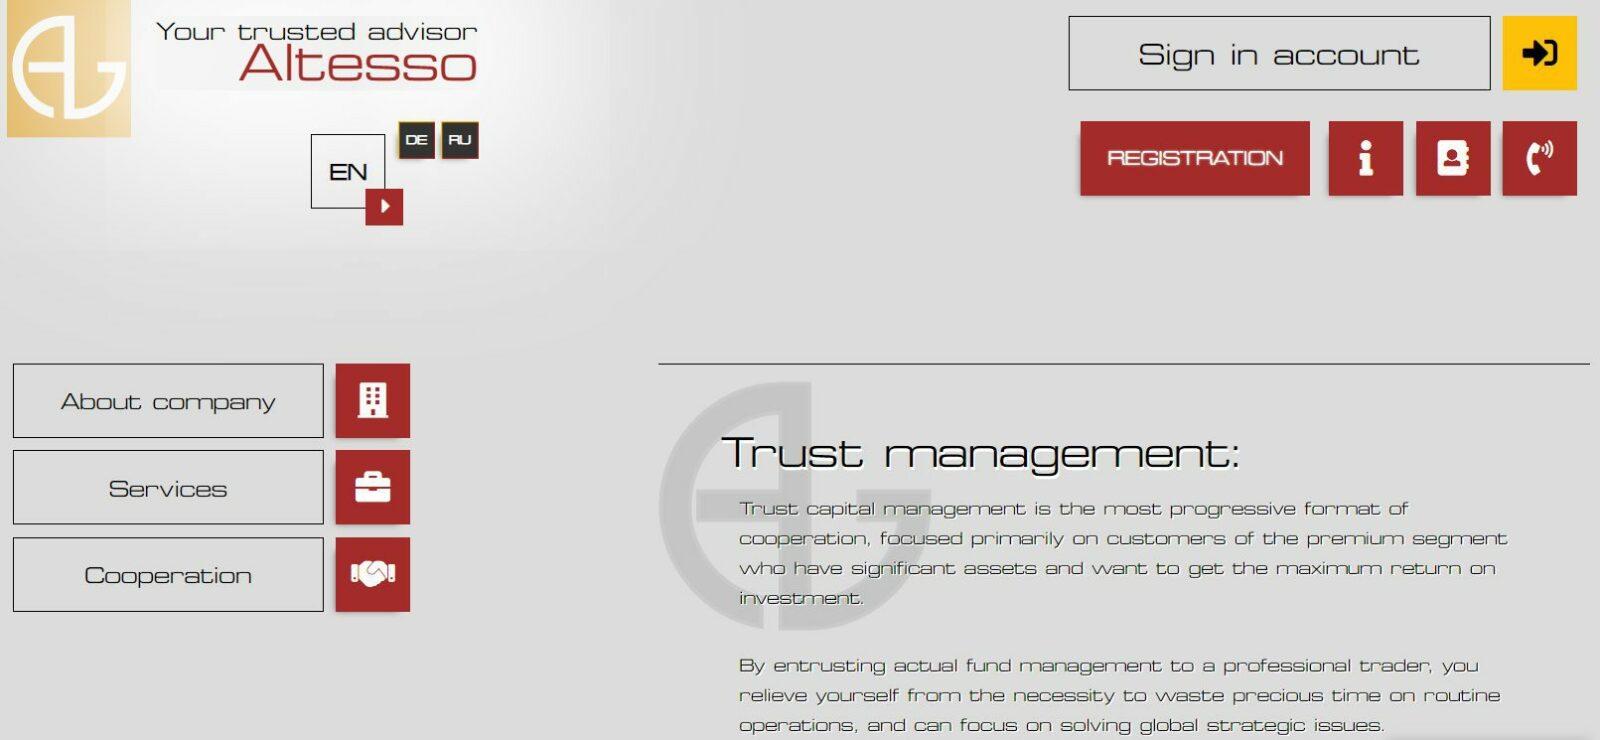 Брокерская компания Altesso.com